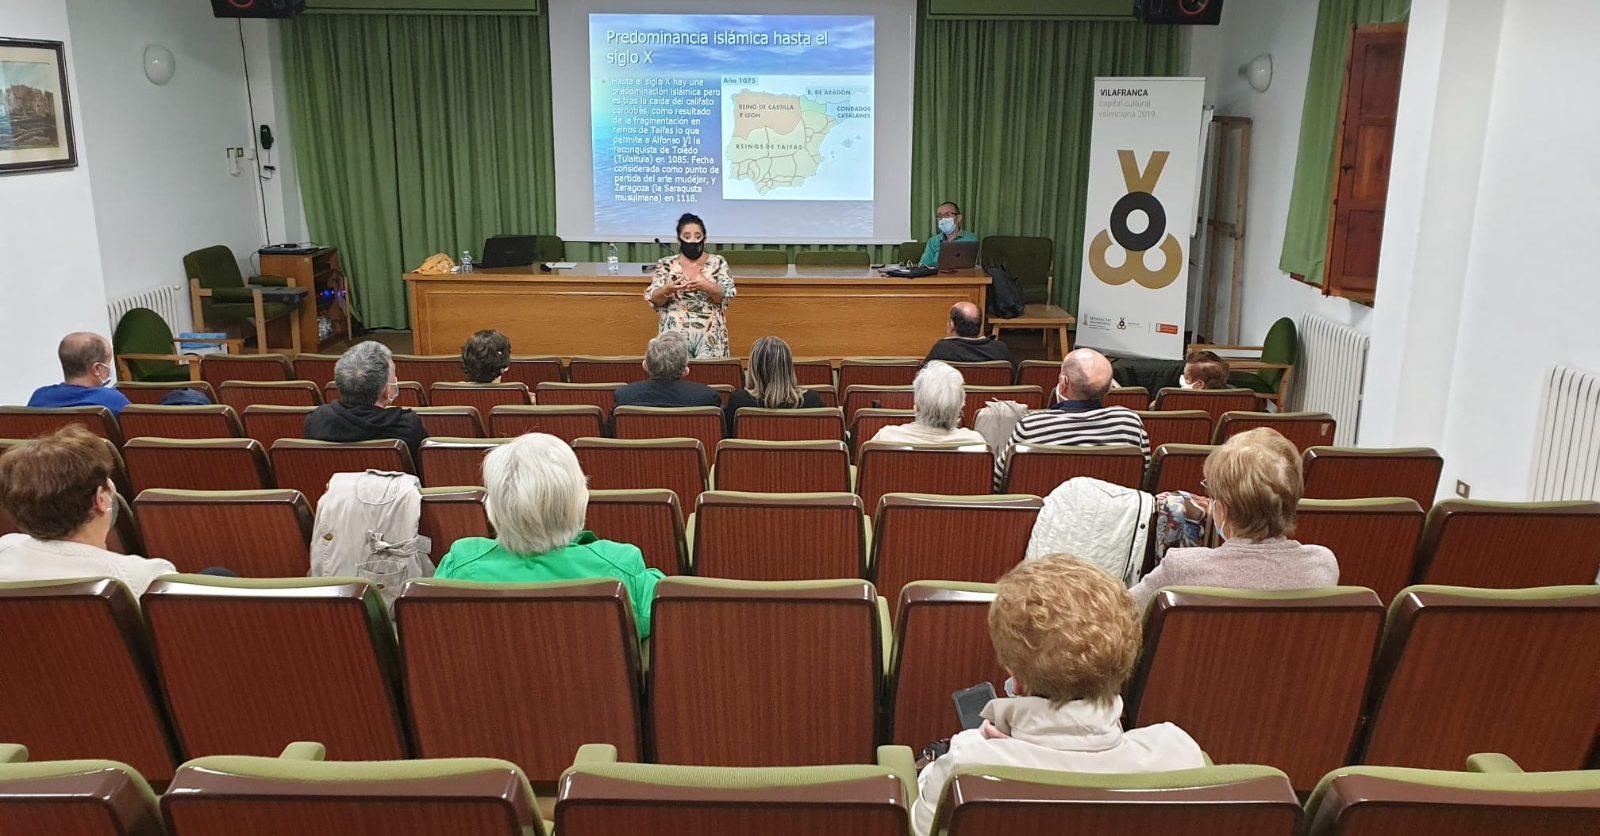 21 alumnes de Vilafranca emprenen el curs de l'UJI per a majors sense desplaçaments